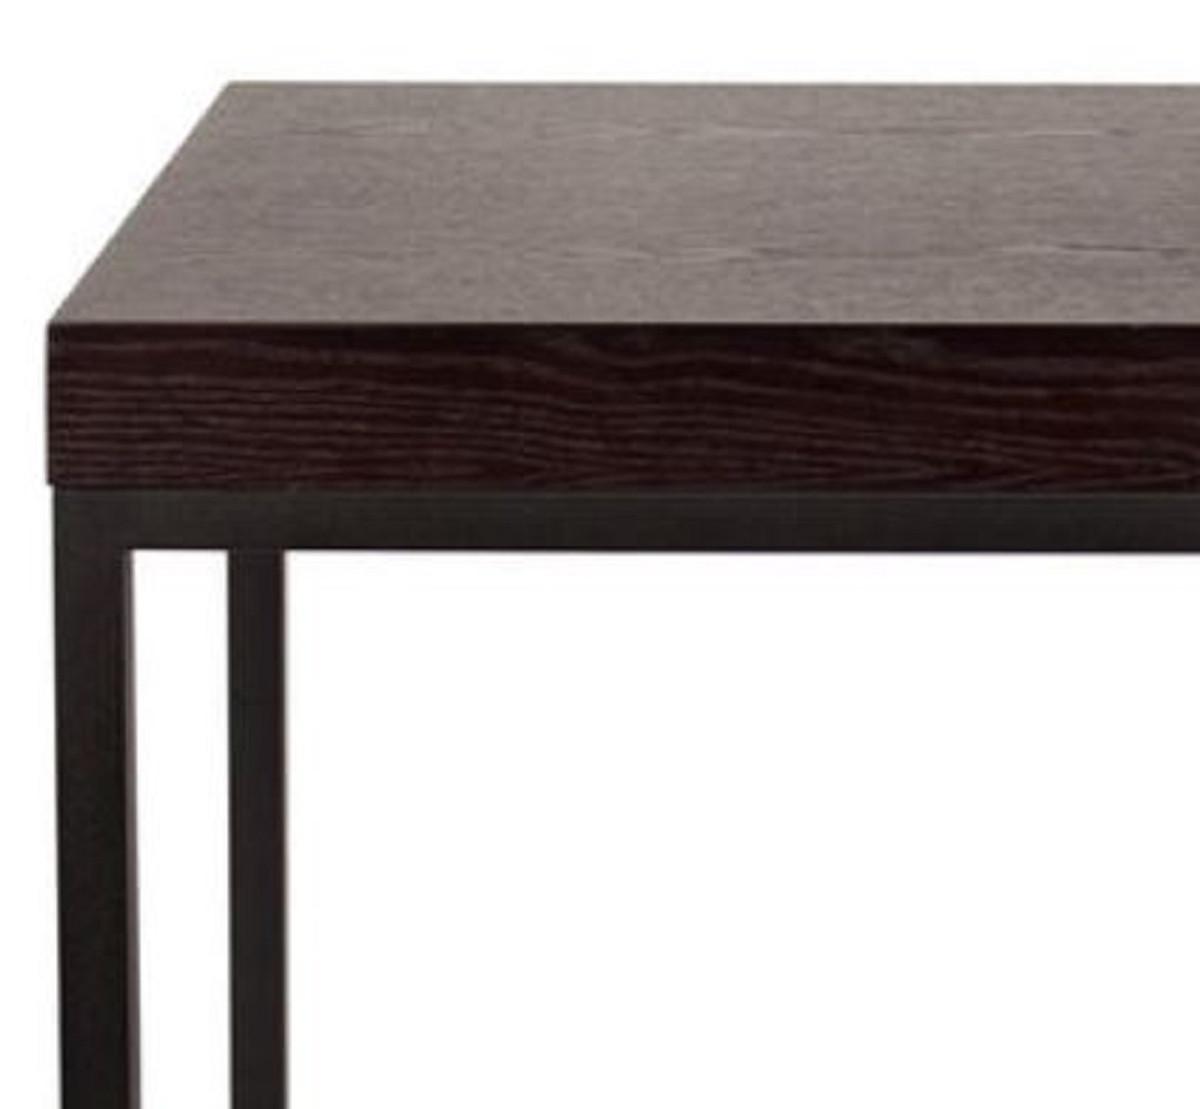 Casa Padrino Luxus Beistelltisch mit Massivholzplatte Schwarz 40 x 40 x H. 60 cm - Luxus Möbel 2